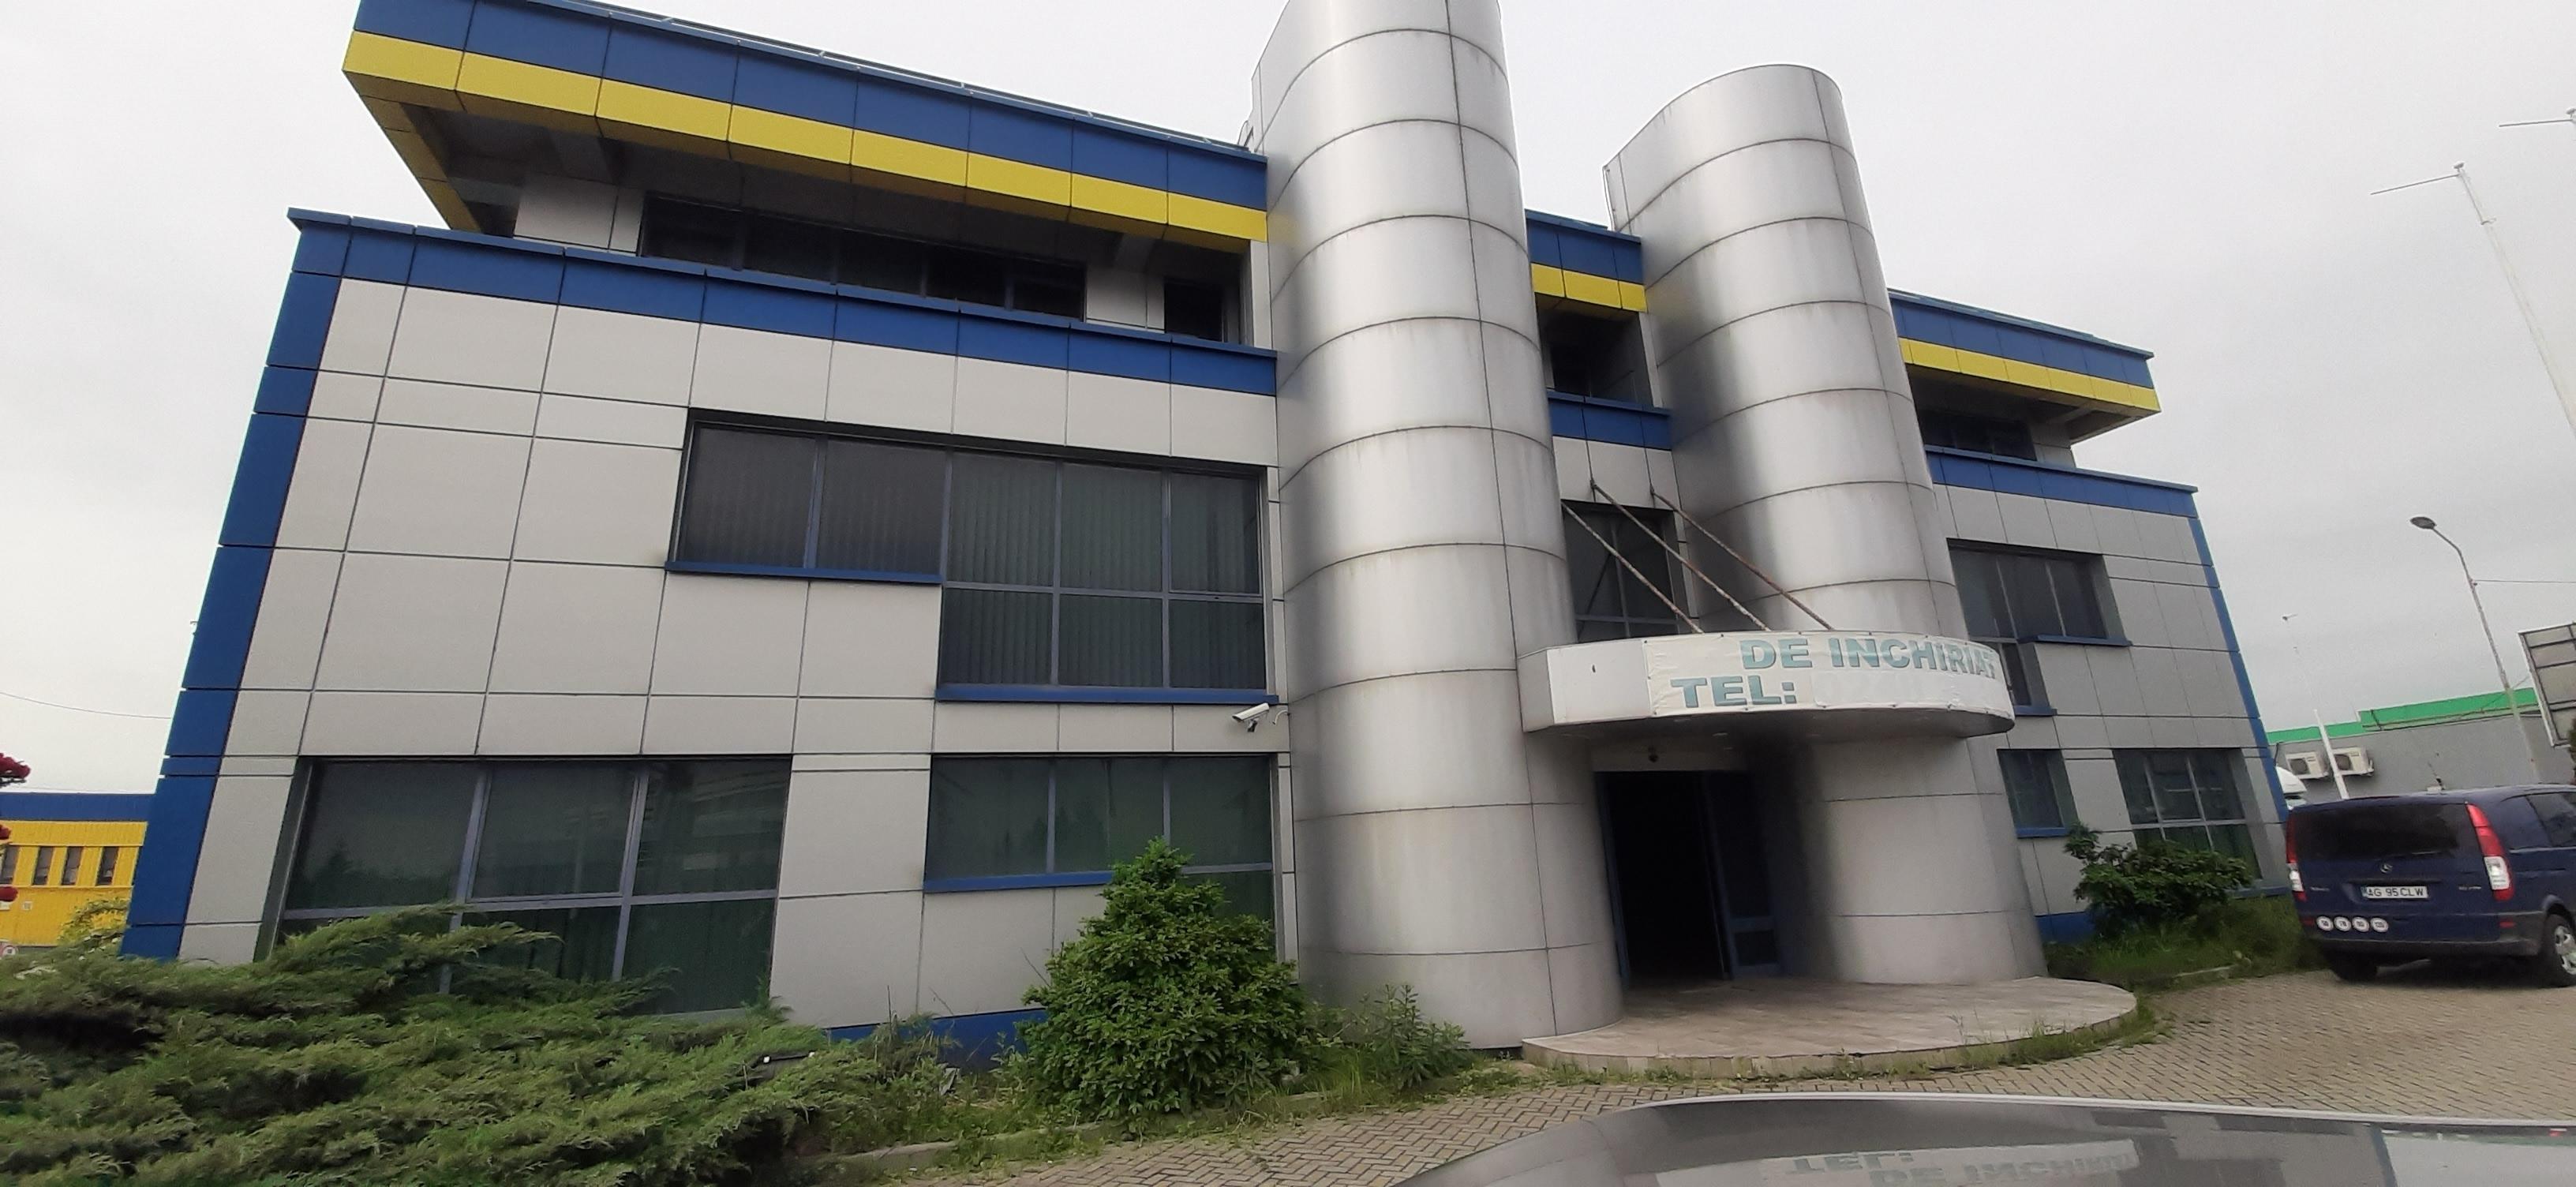 Sediu Administrativ VEGA, cladire de birouri cu regim de inaltime P+10+M2 str. Siderurgiștilor 7, Bl.PS1B, Galati